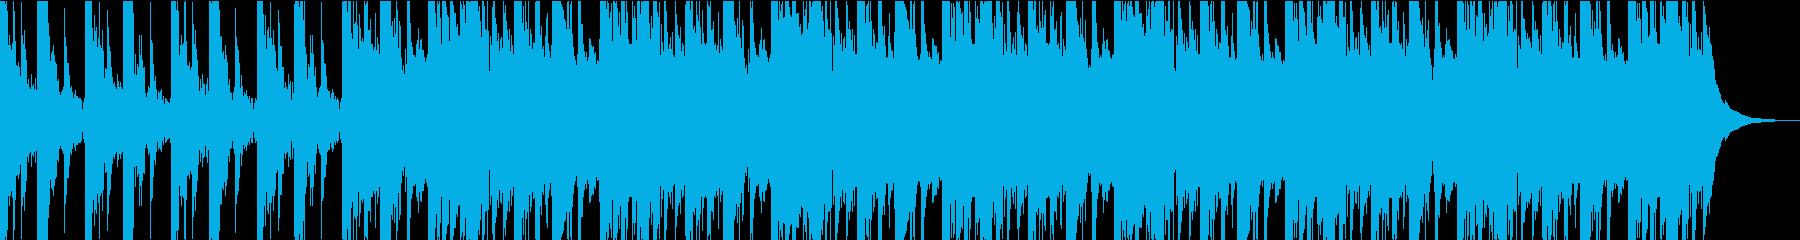 シリアスシーンのBGMの再生済みの波形